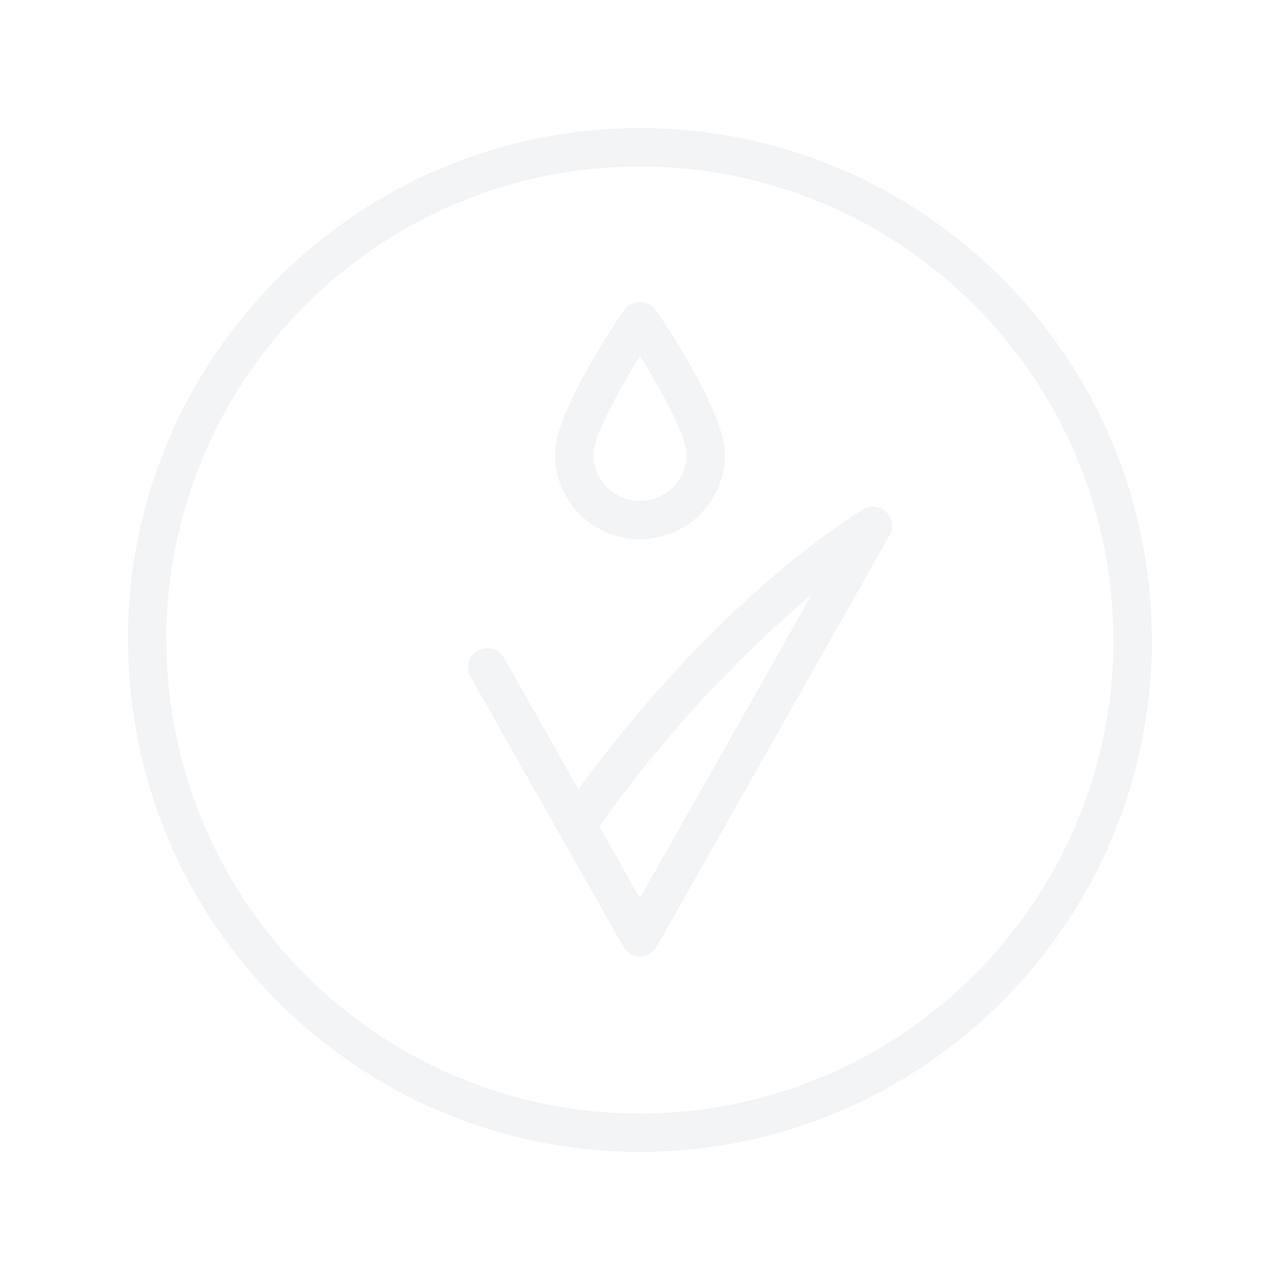 17efa0f3b55 Reviews for Collistar Rossetto Vibrazioni di Colore Lipstick 4ml ...